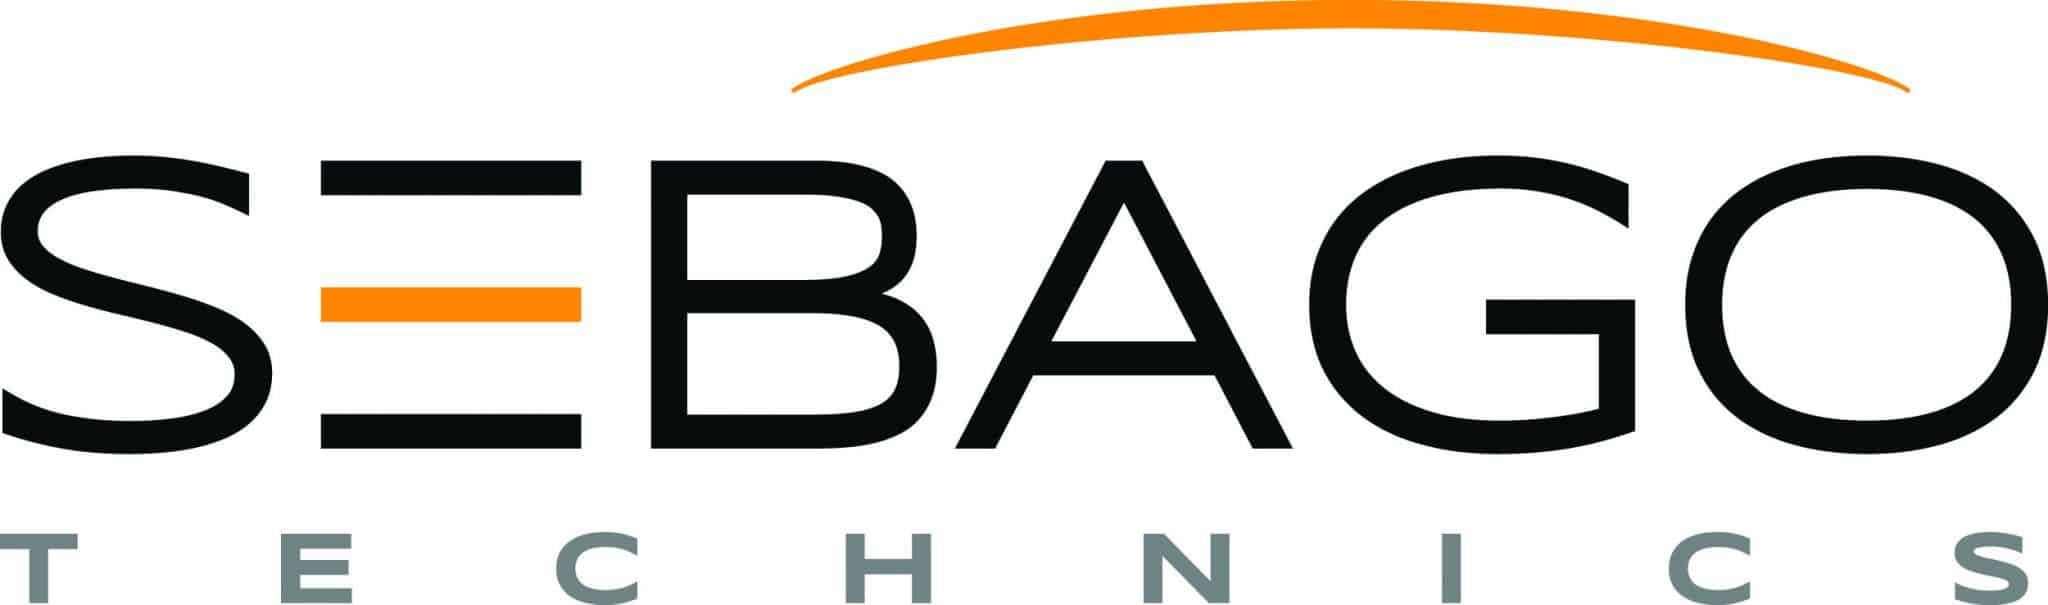 Sebago Technics, Inc.